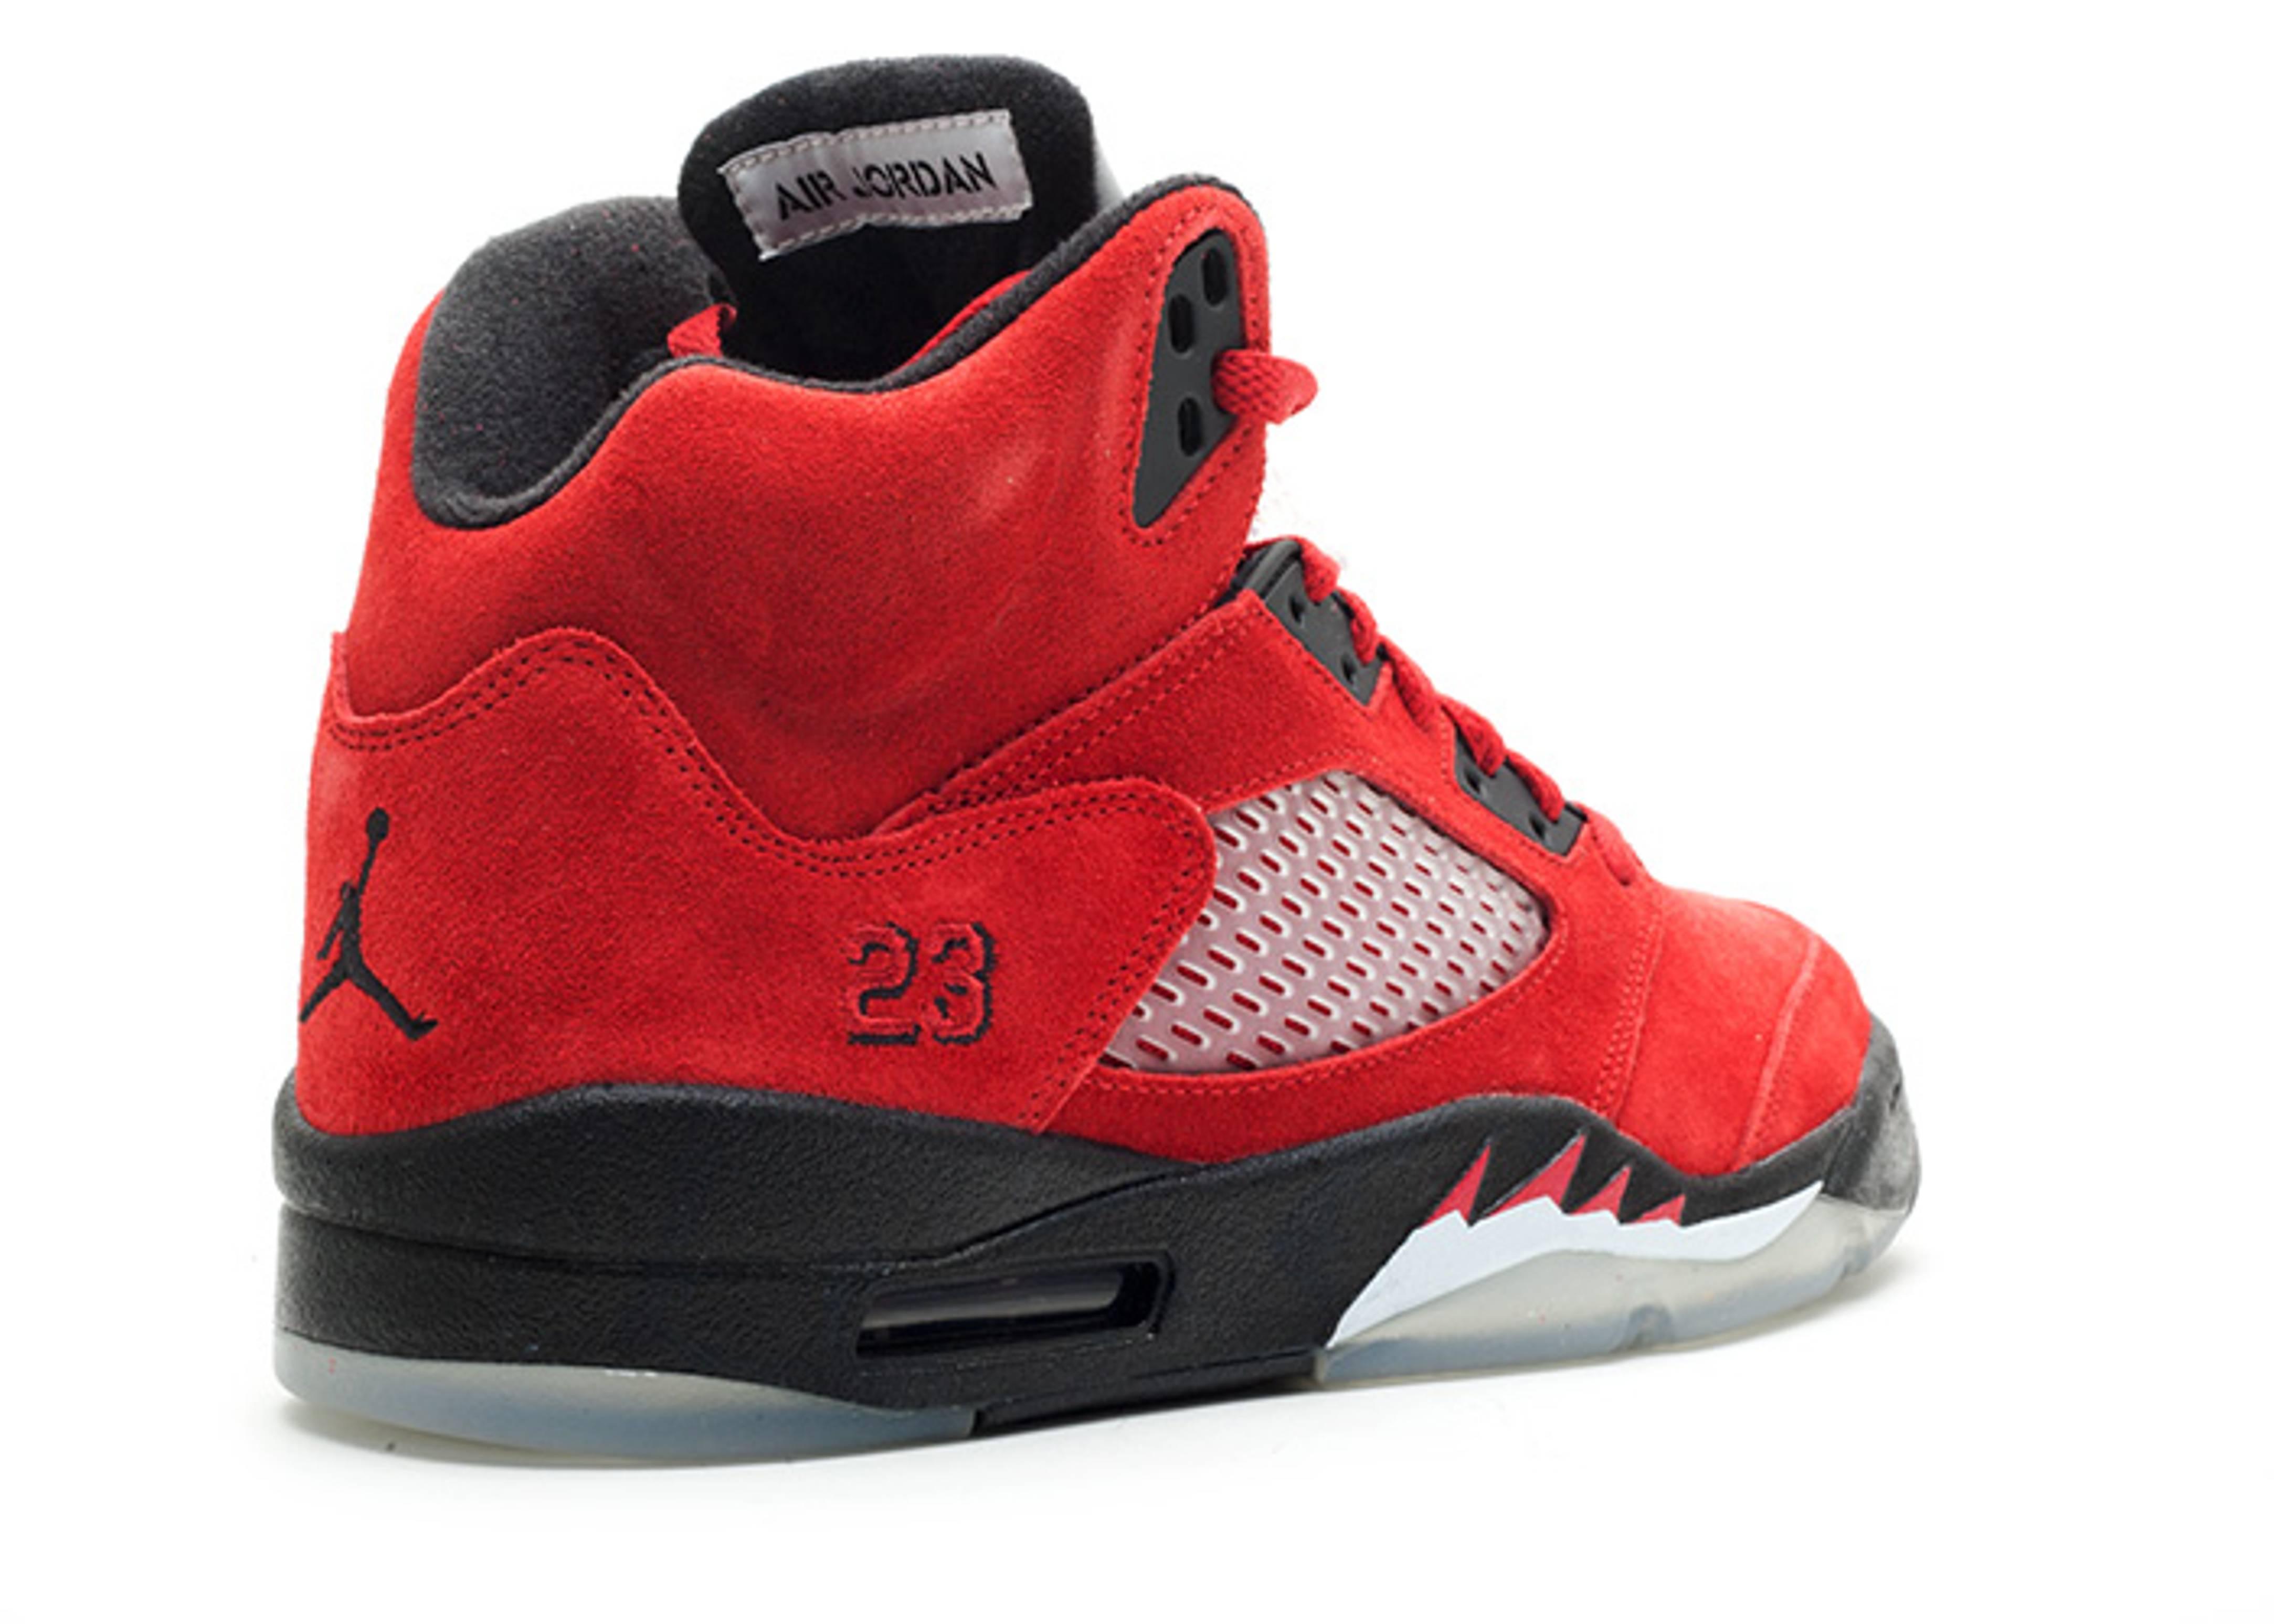 Air Jordan 5 Retro Raging Bull Red Suede Air Jordan